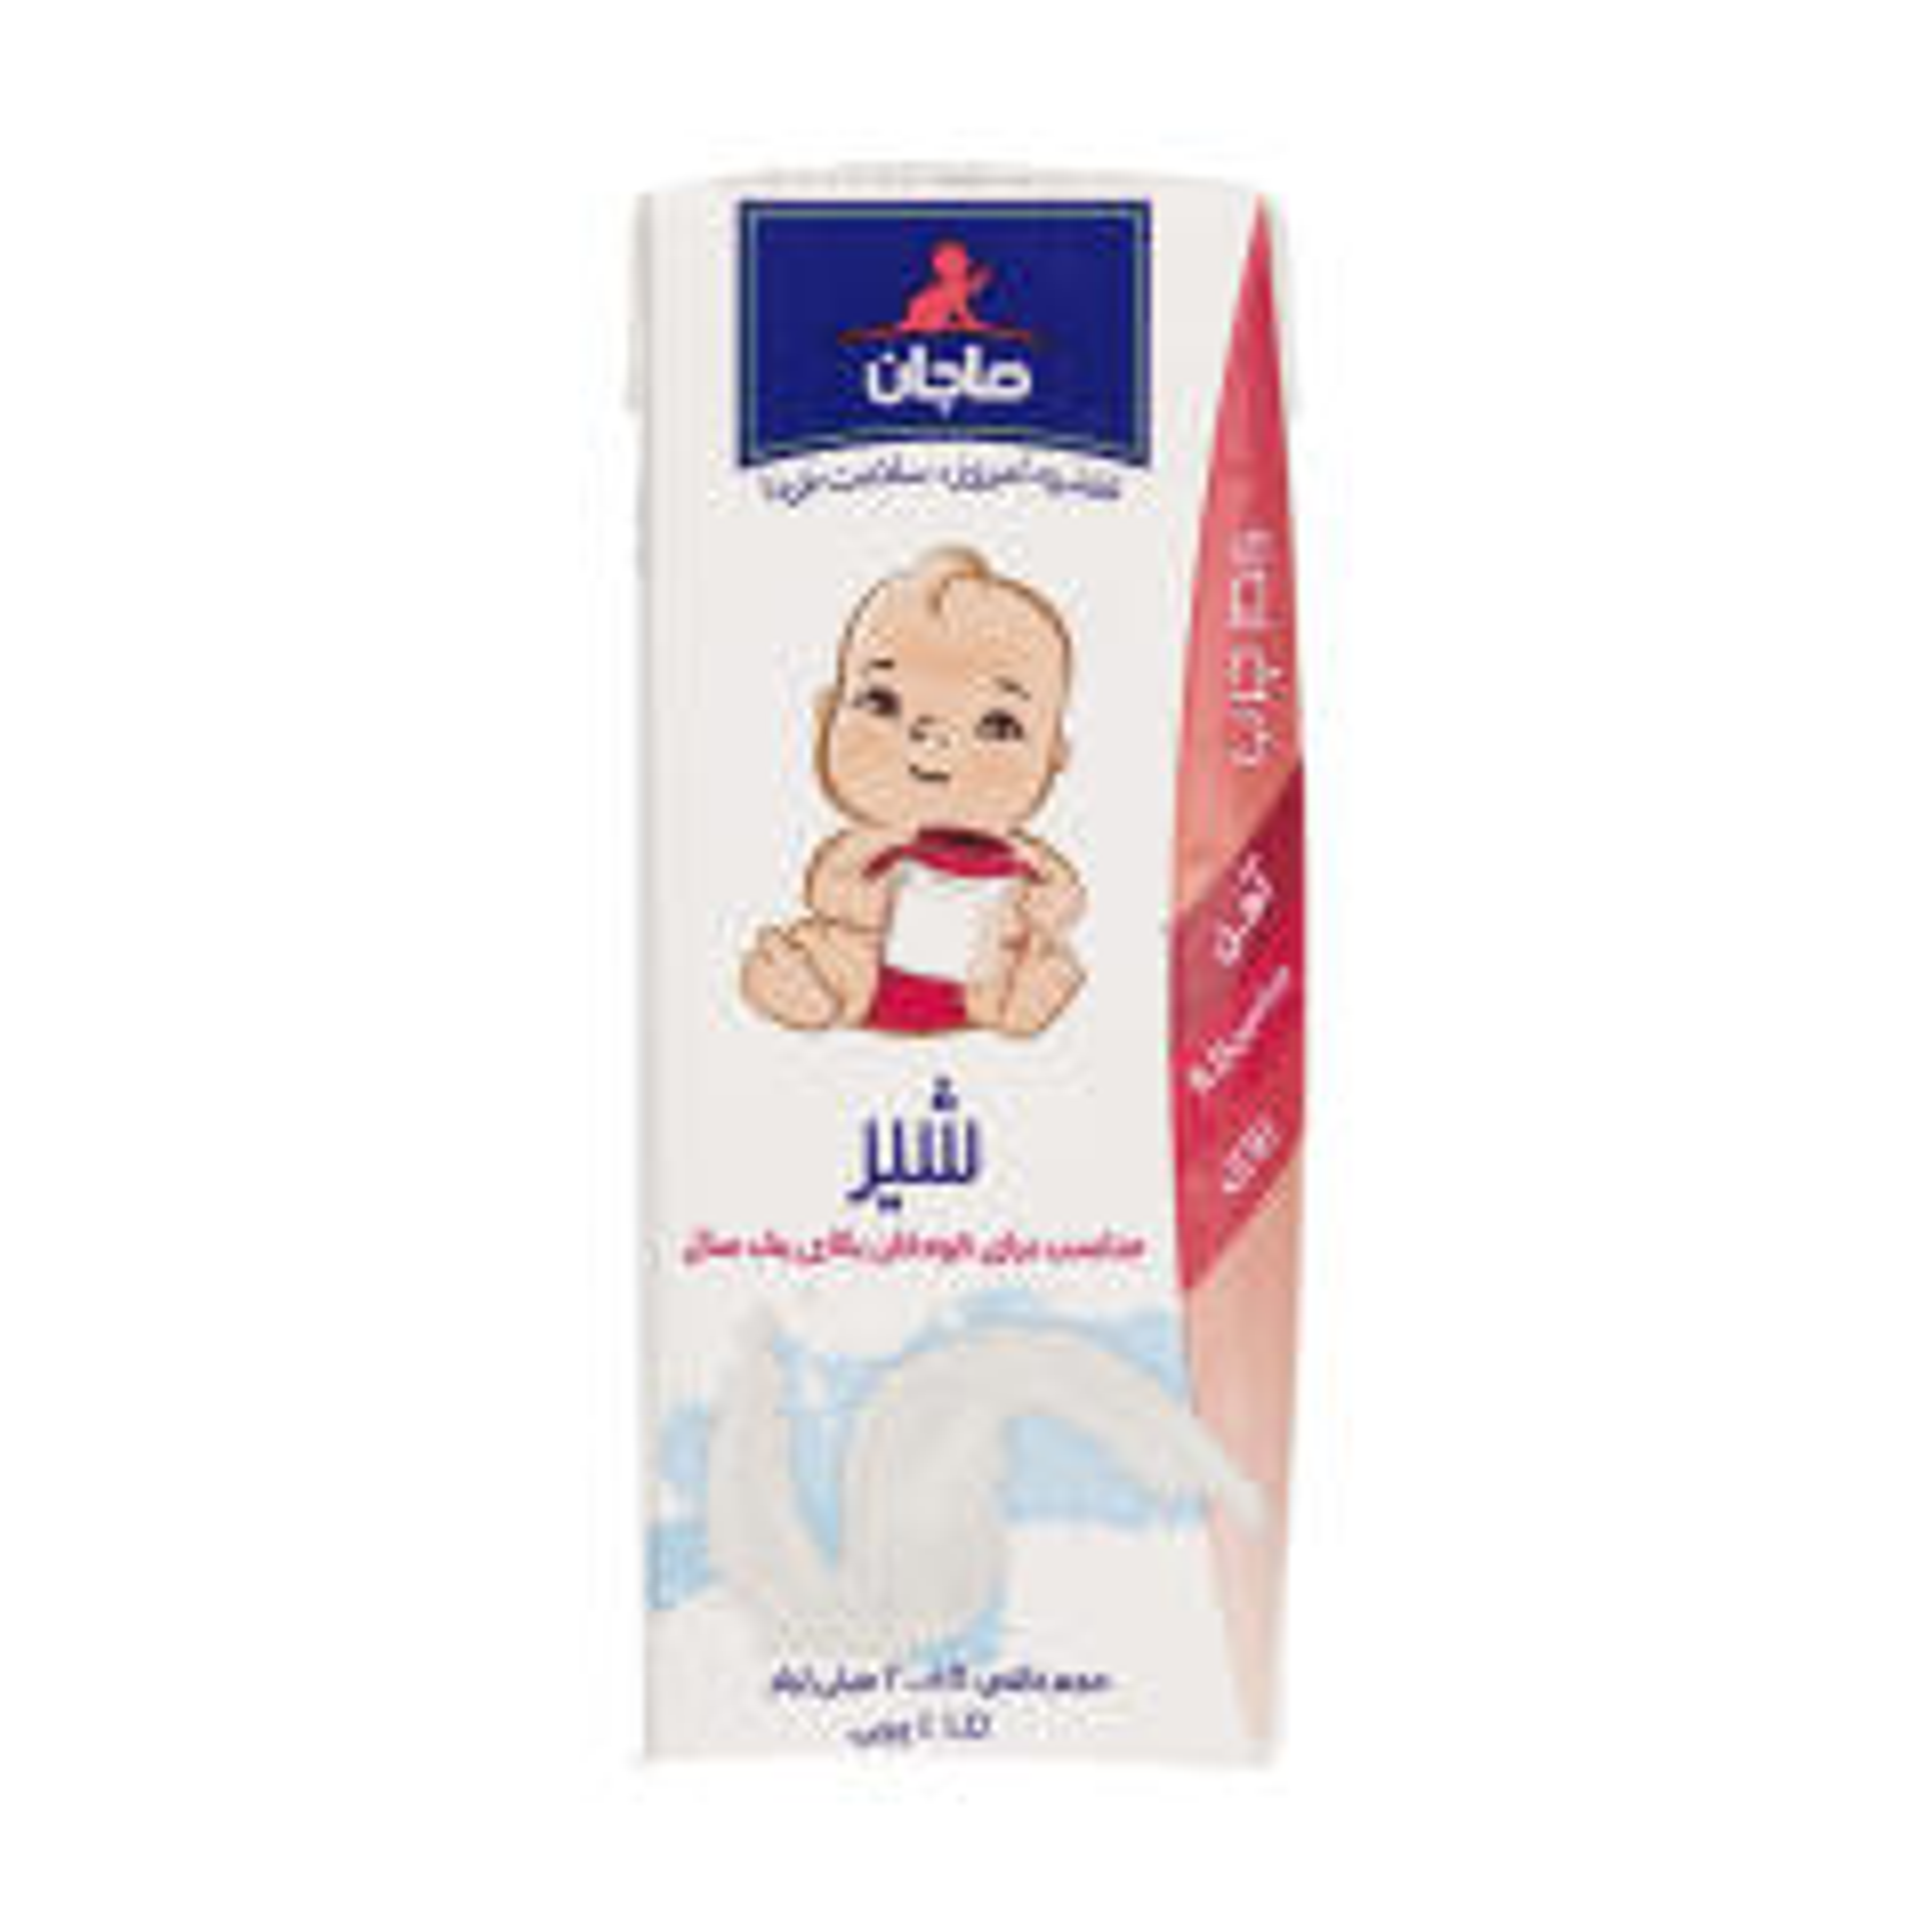 شیر کم چرب غنی شده ماجان کاله مقدار 0.2 لیتر